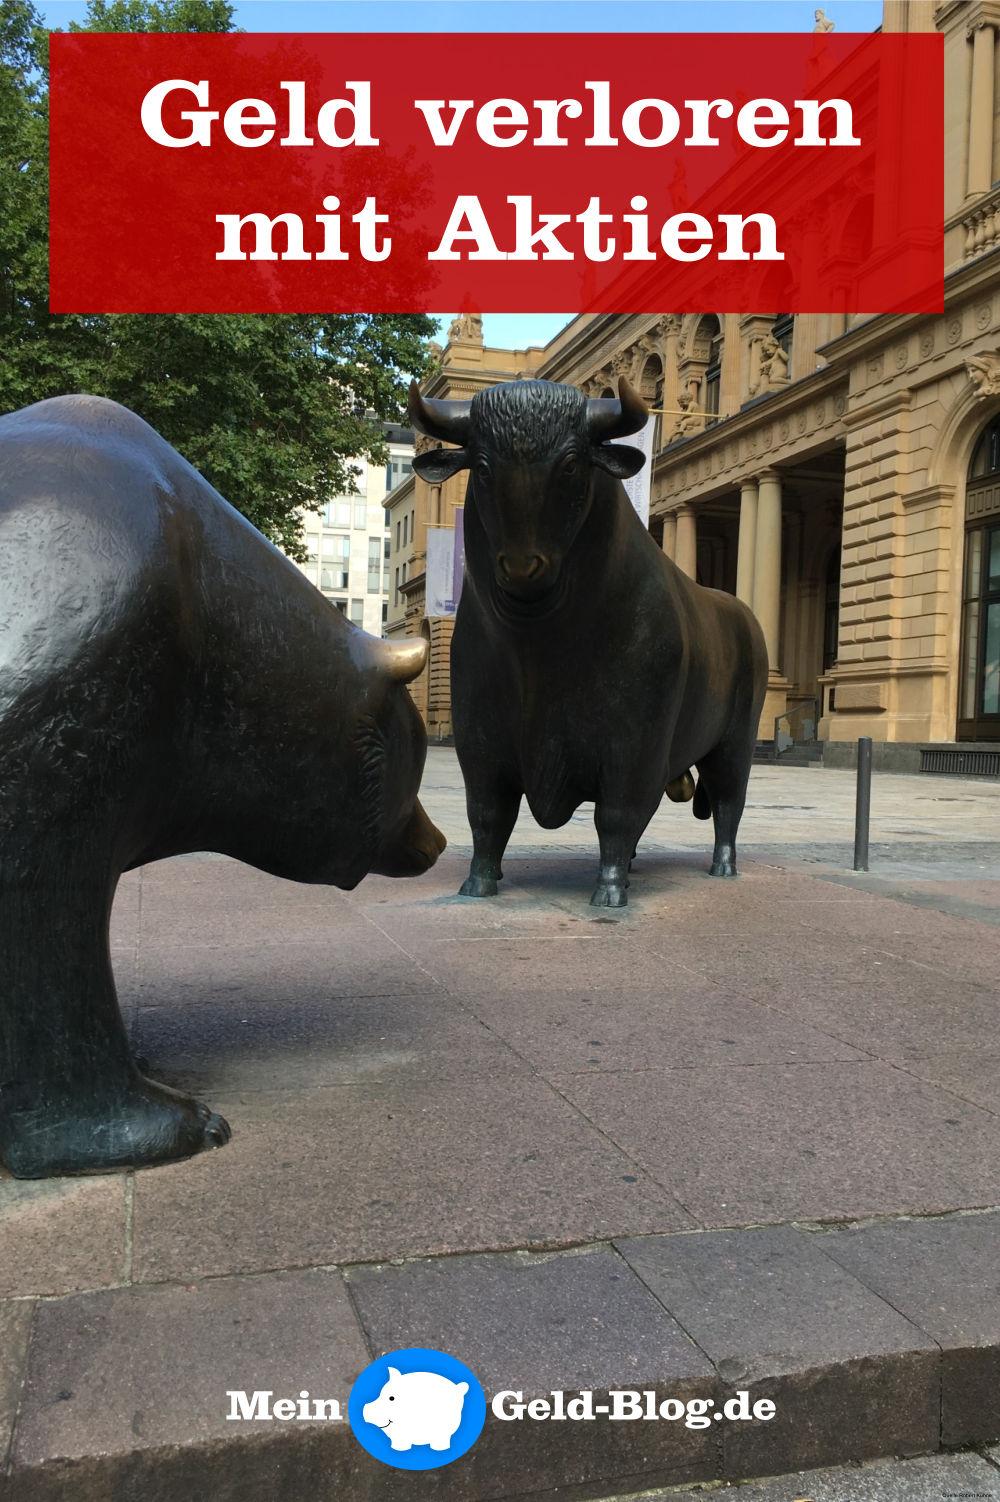 Geld verloren mit Aktien